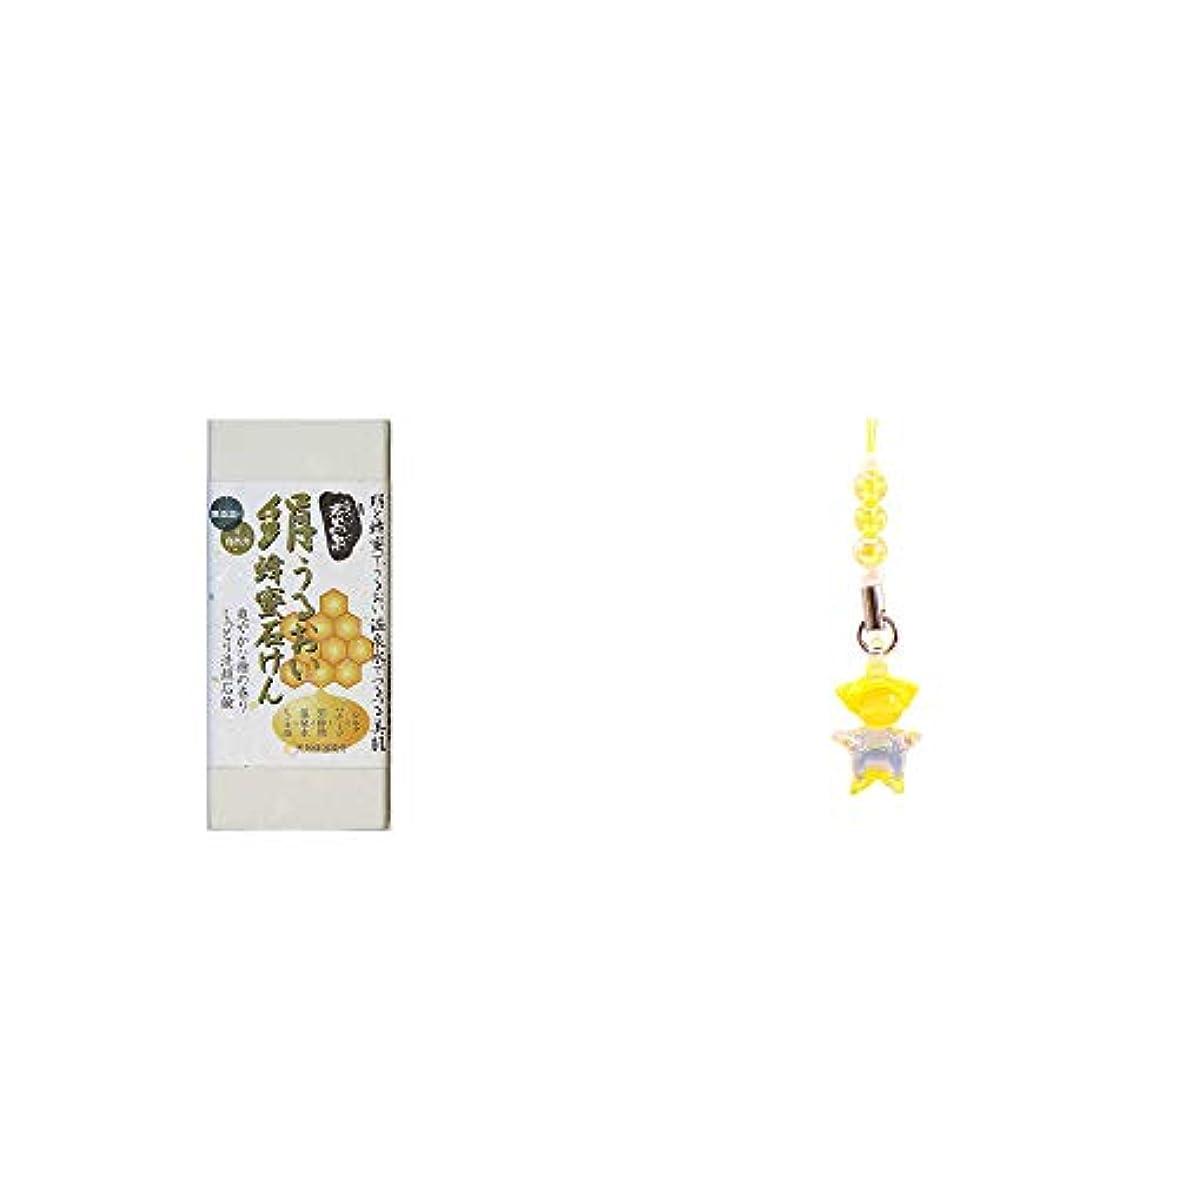 教師の日劇場イチゴ[2点セット] ひのき炭黒泉 絹うるおい蜂蜜石けん(75g×2)?ガラスのさるぼぼ 手作りキーホルダー 【黄】 /金運?ギャンブル運?財運?宝くじ当選祈願//